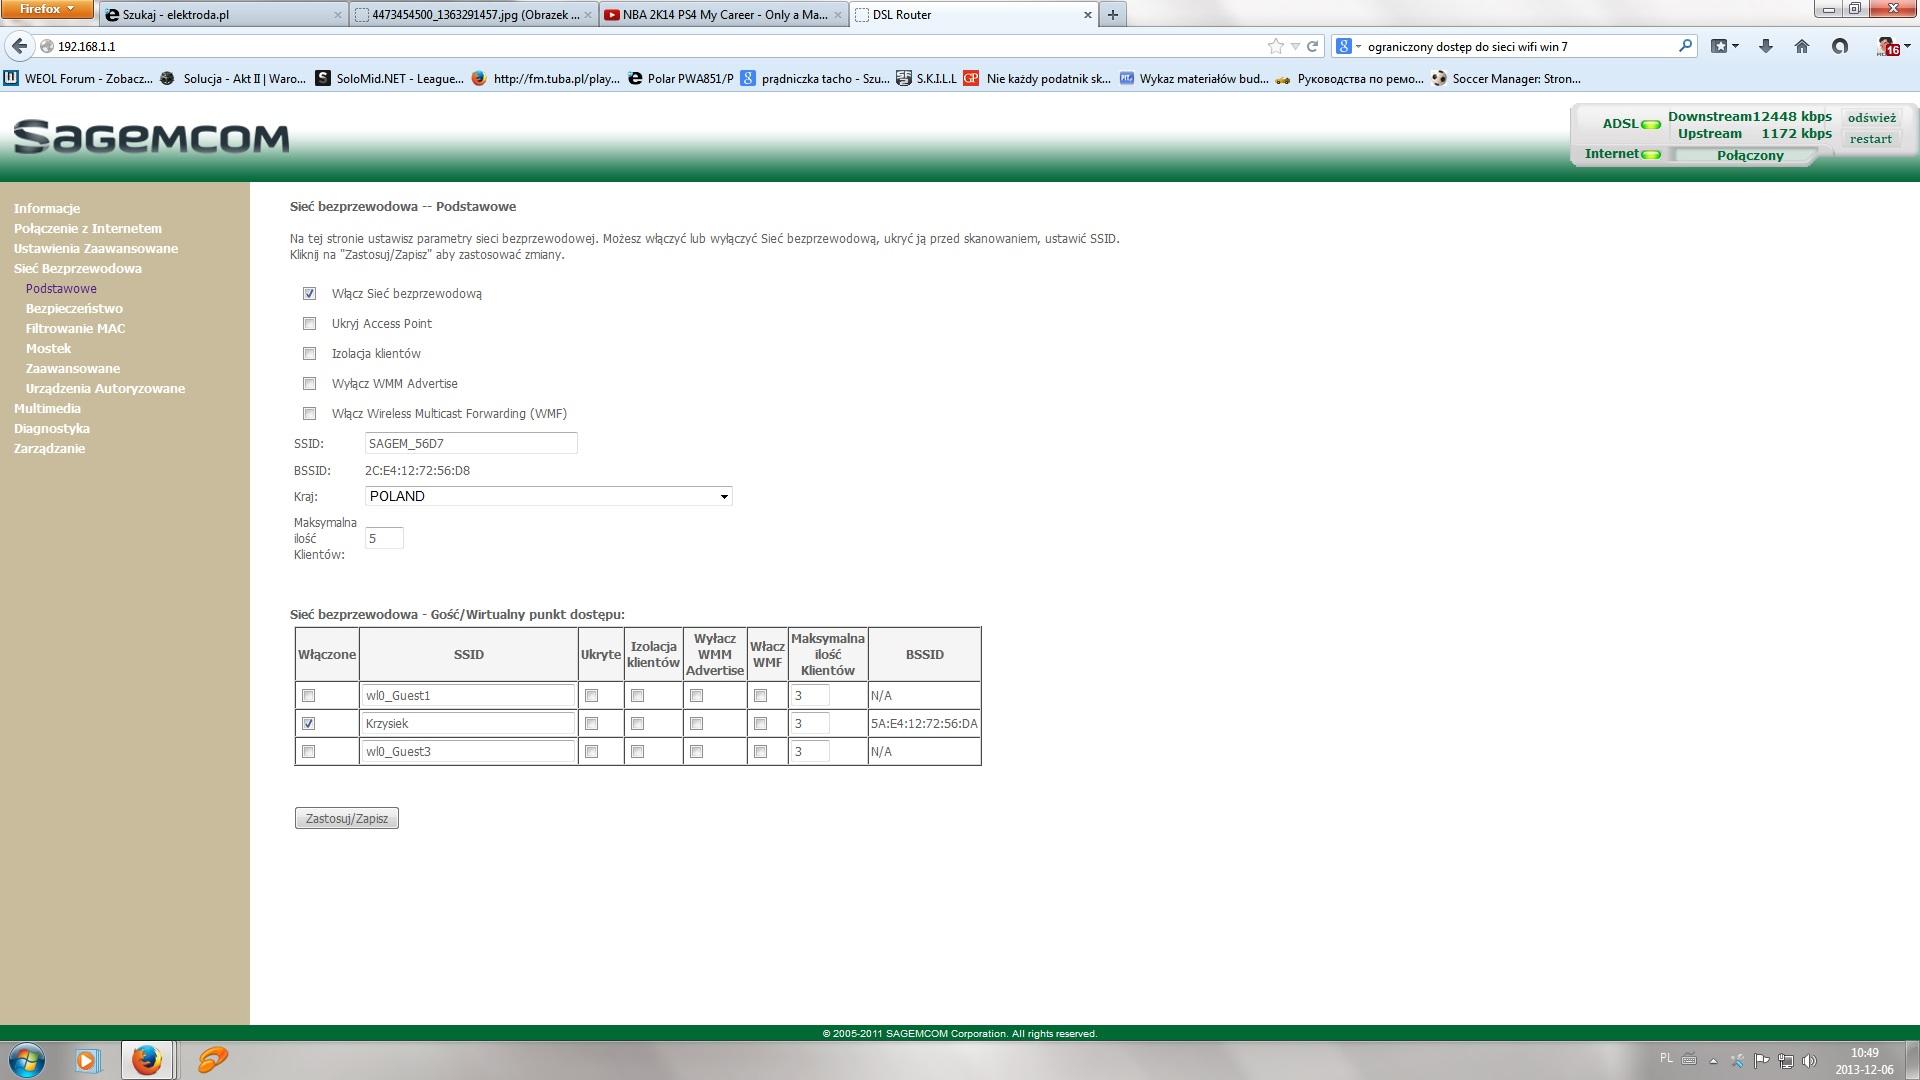 Sagem Fast 2704 - Ograniczony dost�p do sieci wifi